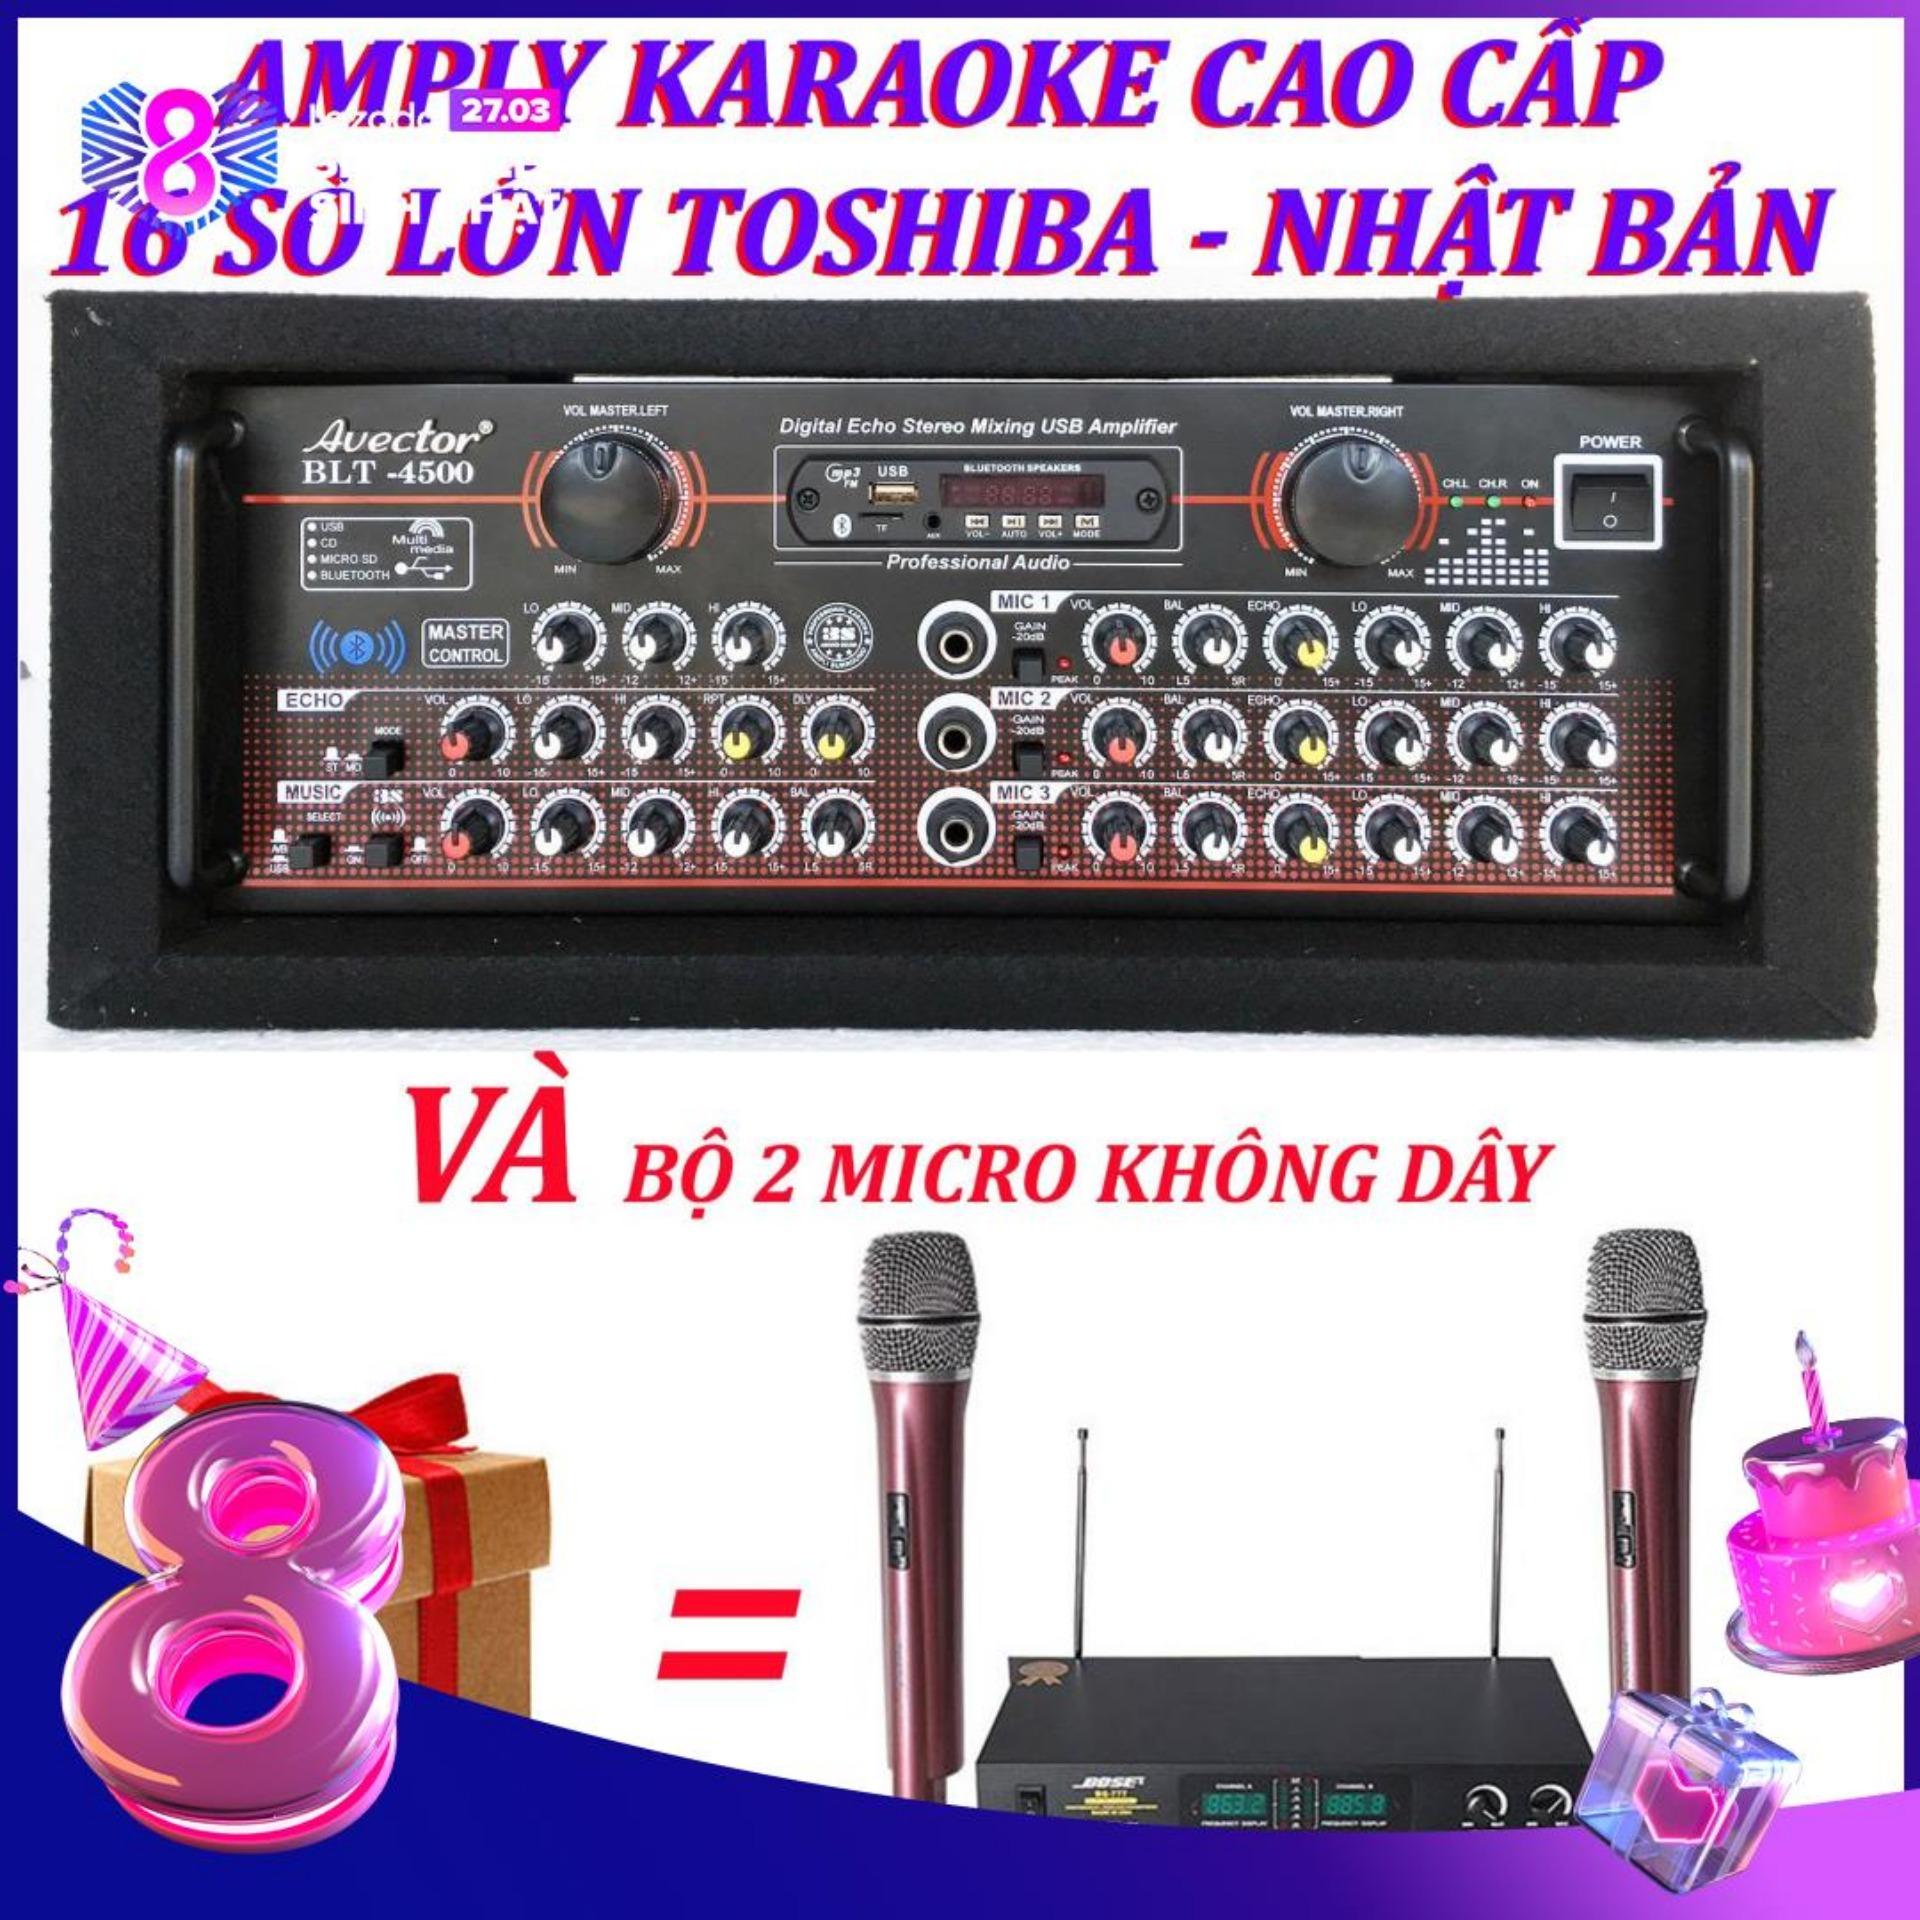 [Trả góp 0%]Amply karaoke ampli bluetooth amply nghe nhac amply karaoke hay cao cấp avector 4500 VÀ bộ micro không dây bs777ii